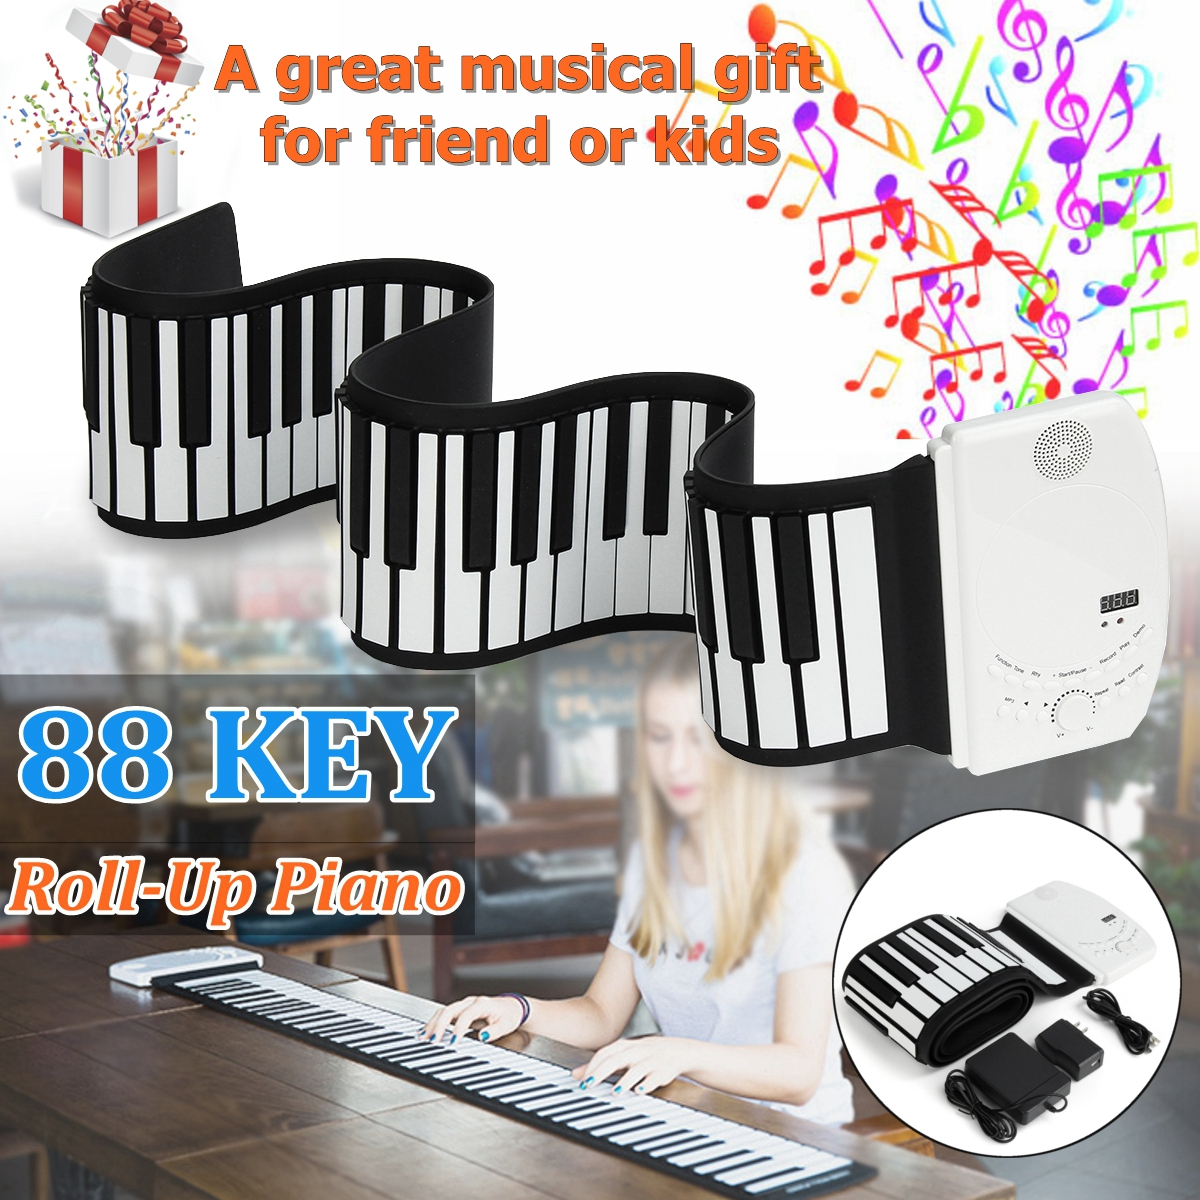 SENRHY 88 Teclas de Piano Elétrico Portátil Digital Roll up Piano Teclado Dobrável Flexível Para Instrumentos Musicais Presentes Do Amante